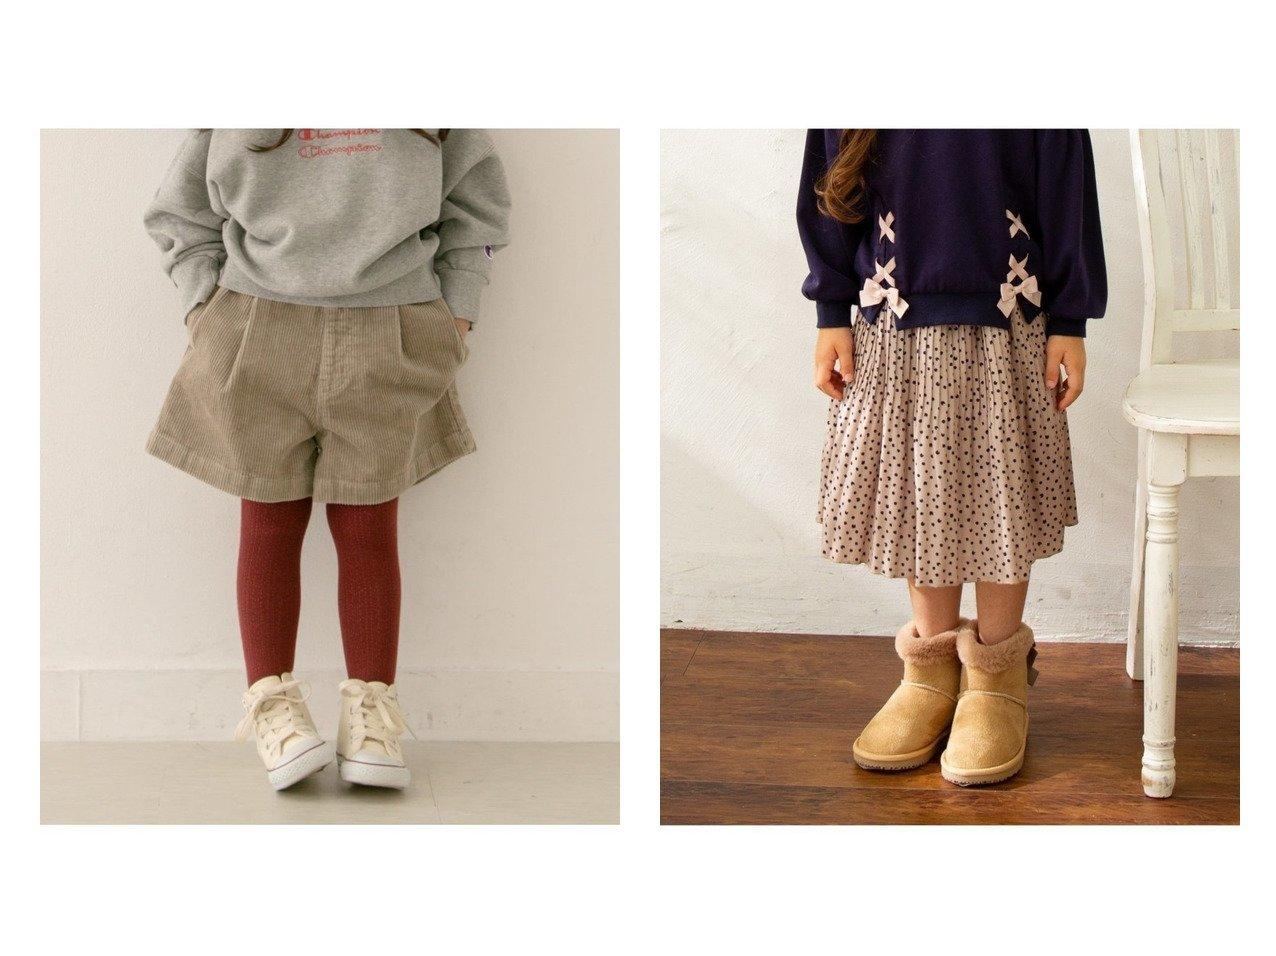 【URBAN RESEARCH DOORS / KIDS/アーバンリサーチ ドアーズ】のコーデュロイキュロット(KIDS)&【anyFAM / KIDS/エニファム】の【S-Mサイズ】デシン ねこドット スカート 【KIDS】子供服のおすすめ!人気、キッズファッションの通販 おすすめで人気のファッション通販商品 インテリア・家具・キッズファッション・メンズファッション・レディースファッション・服の通販 founy(ファニー) https://founy.com/ ファッション Fashion キッズ KIDS ボトムス Bottoms Kids ウォーム キュロット コーデュロイ シンプル ジーンズ スタンダード ストレッチ タイツ ベーシック ポケット 人気 今季 冬 Winter カットソー トレンド トレーナー ドット プリント モチーフ リボン  ID:crp329100000005209